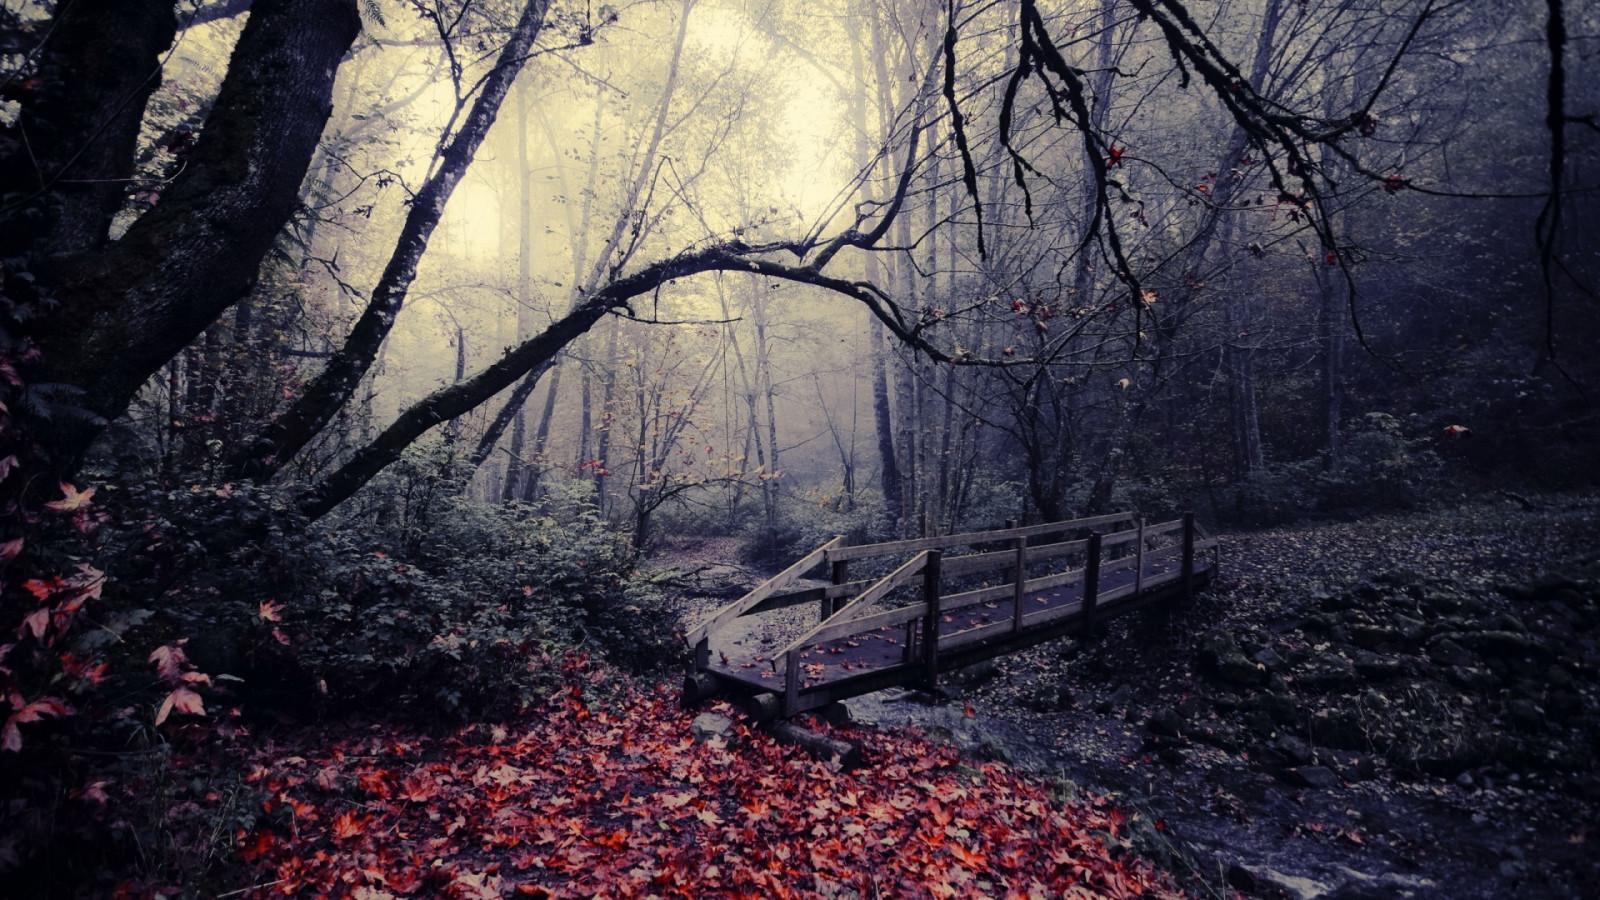 Gloomy Fall Wallpaper Hintergrundbilder Sonnenlicht Landschaft Wald Natur